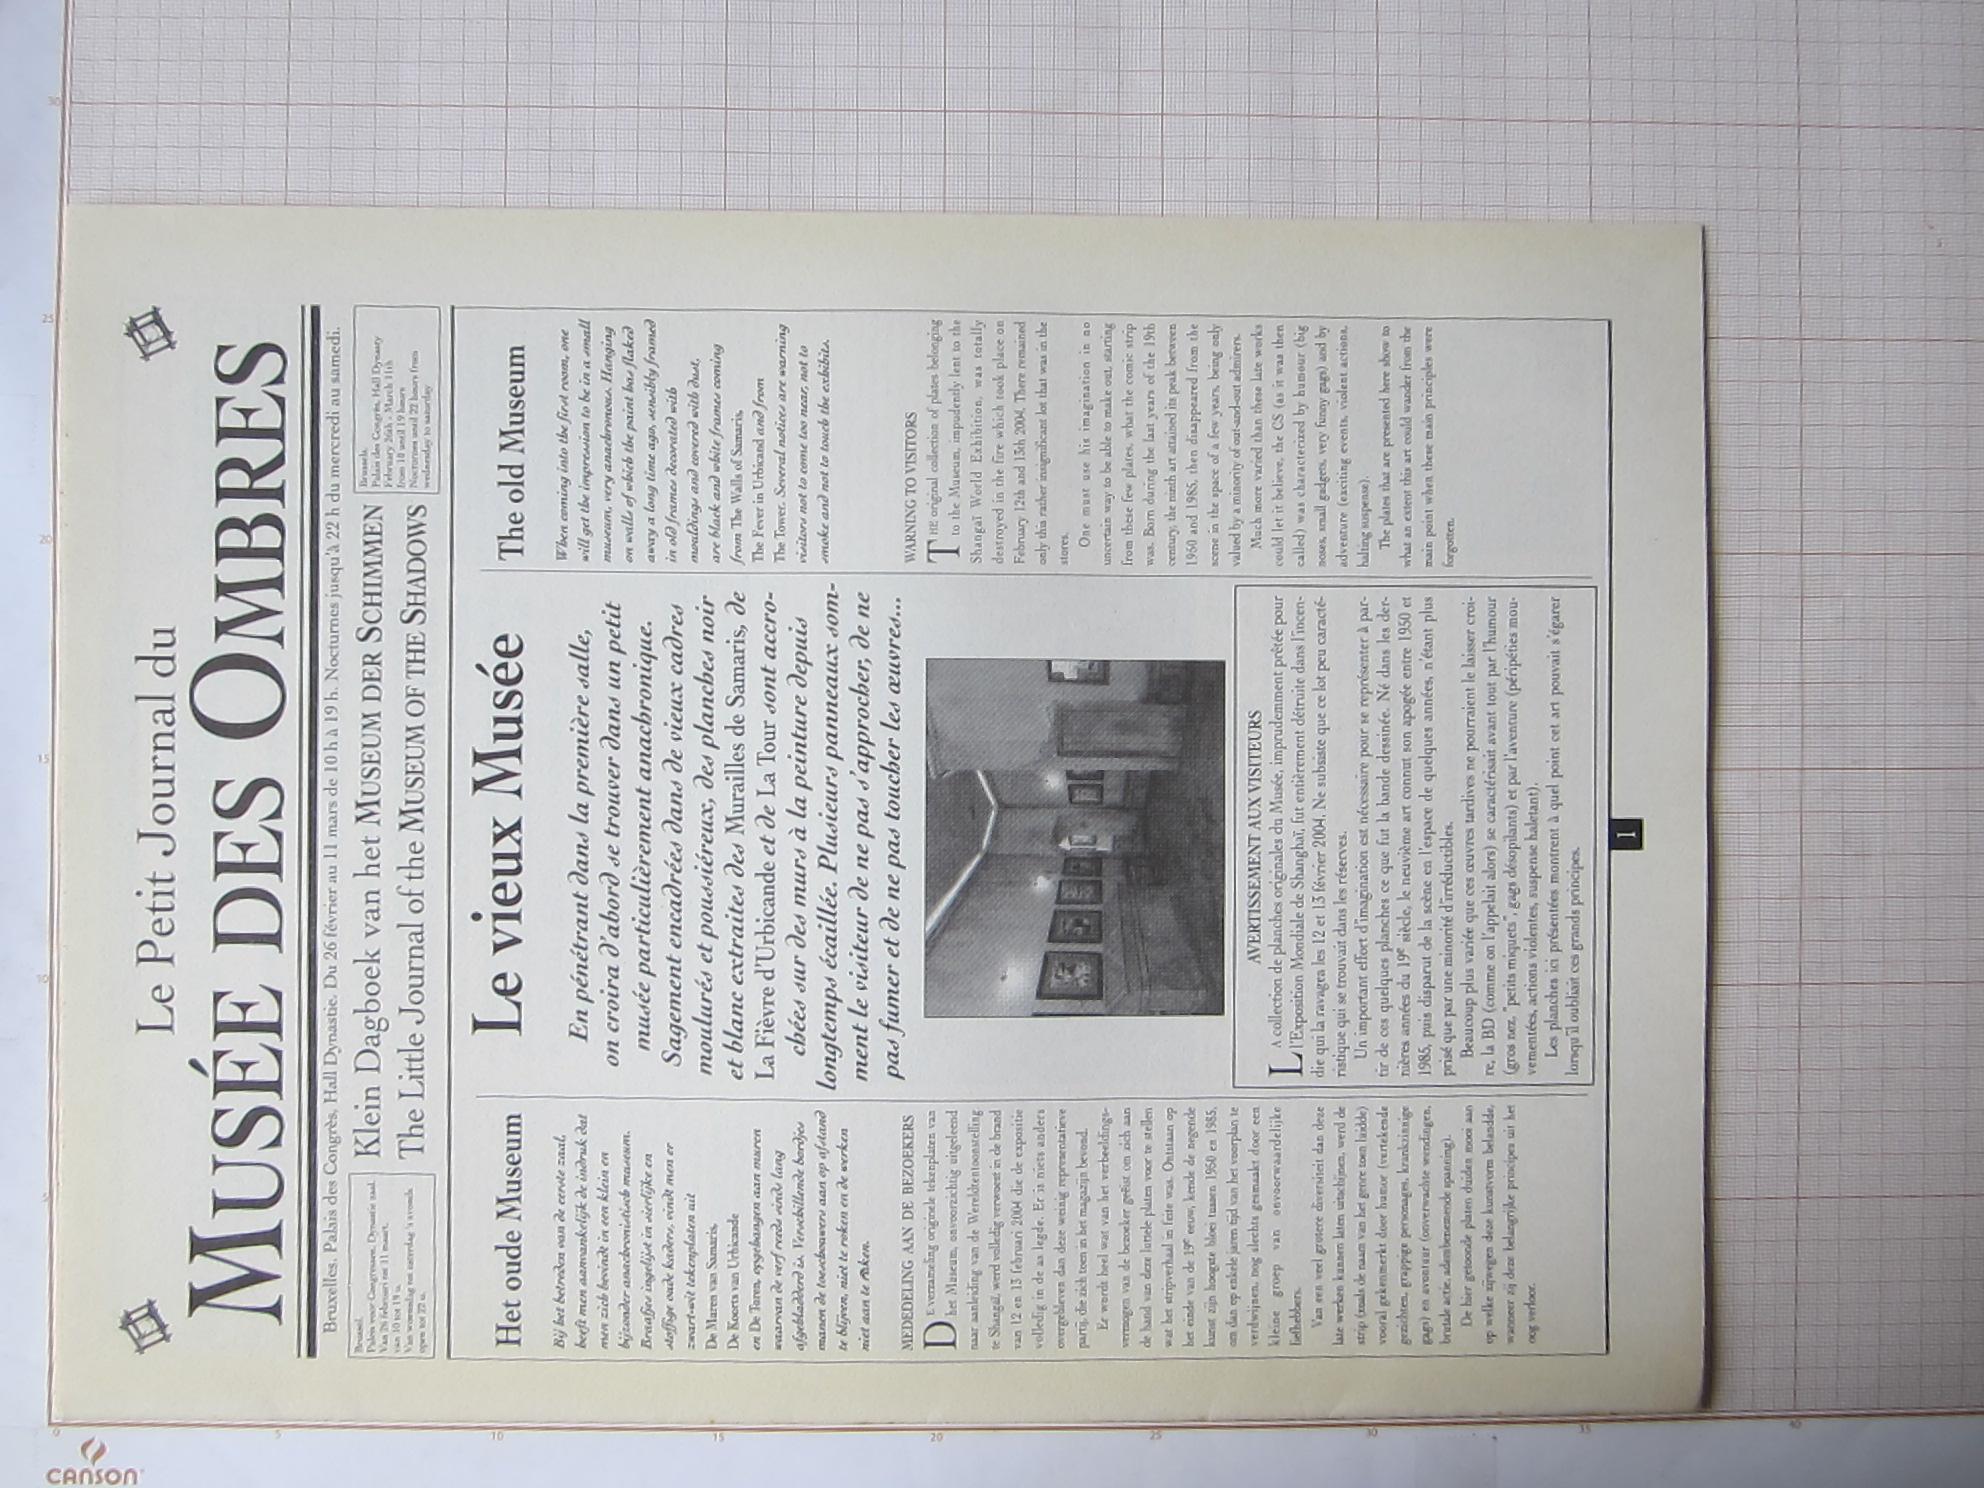 Le Petit journal du musée des ombres© François Schuiten / Benoît Peeters , 1991